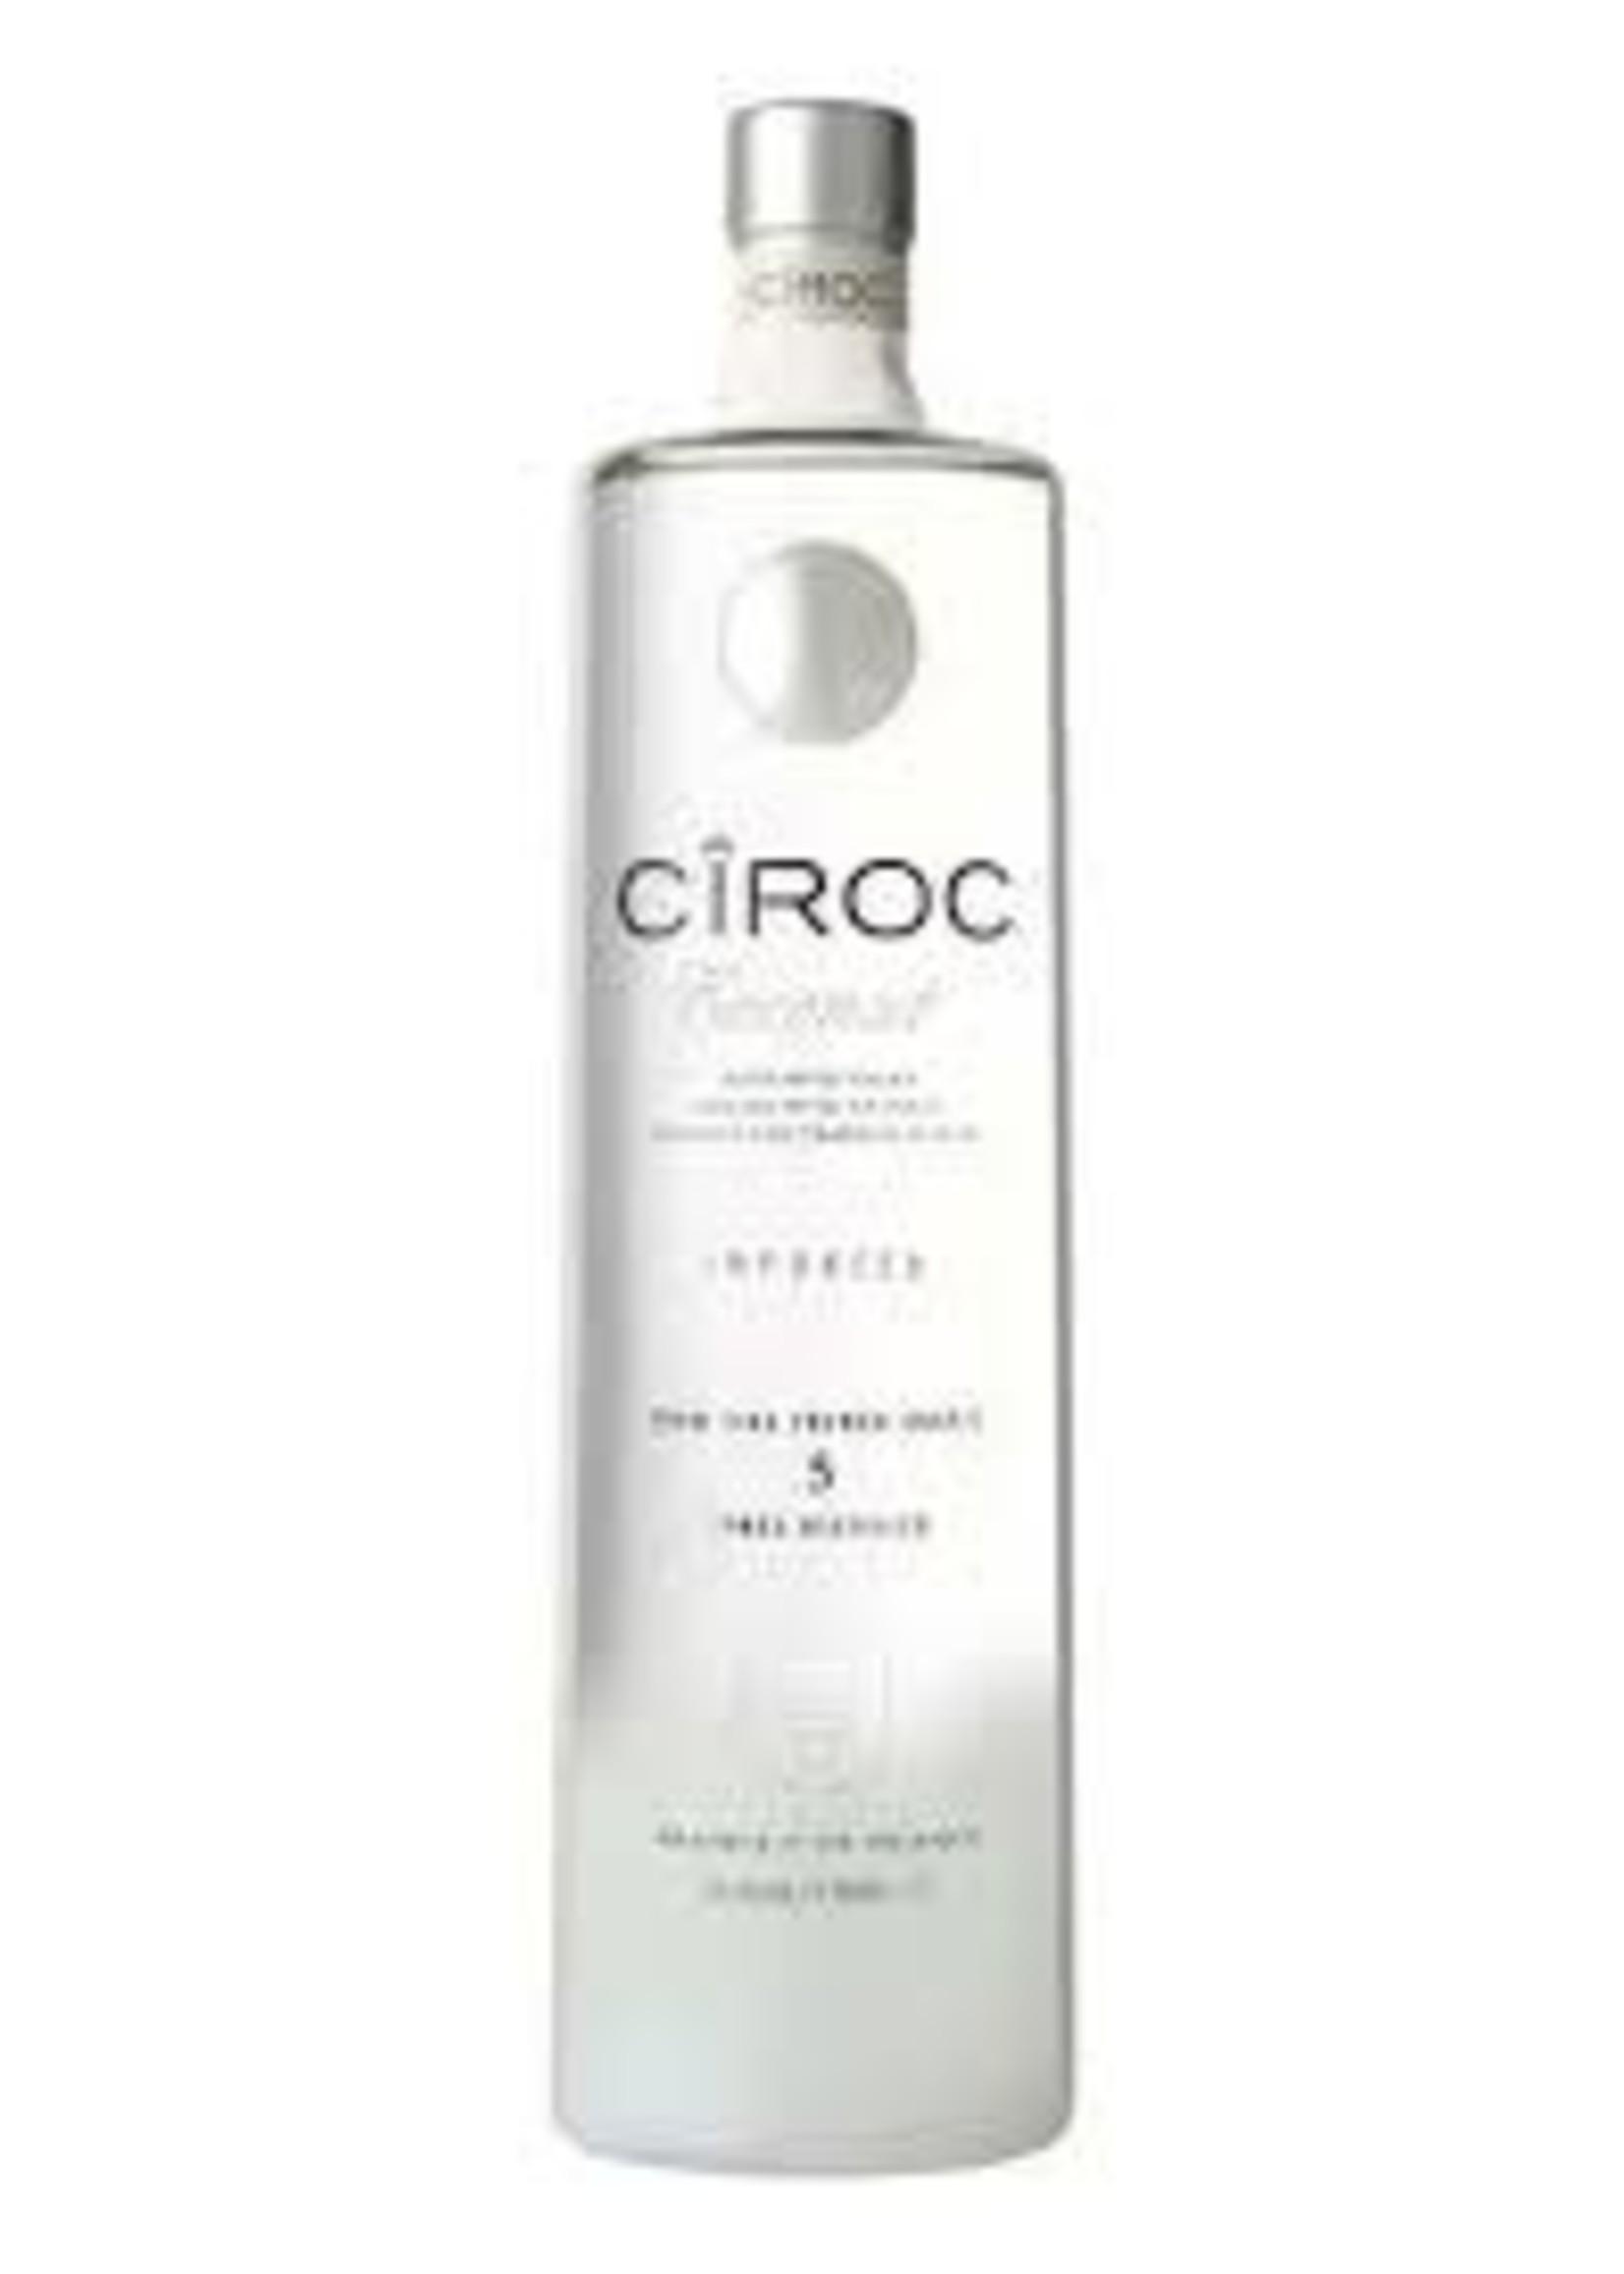 Ciroc Ciroc / Coconut Vodka / 375mL